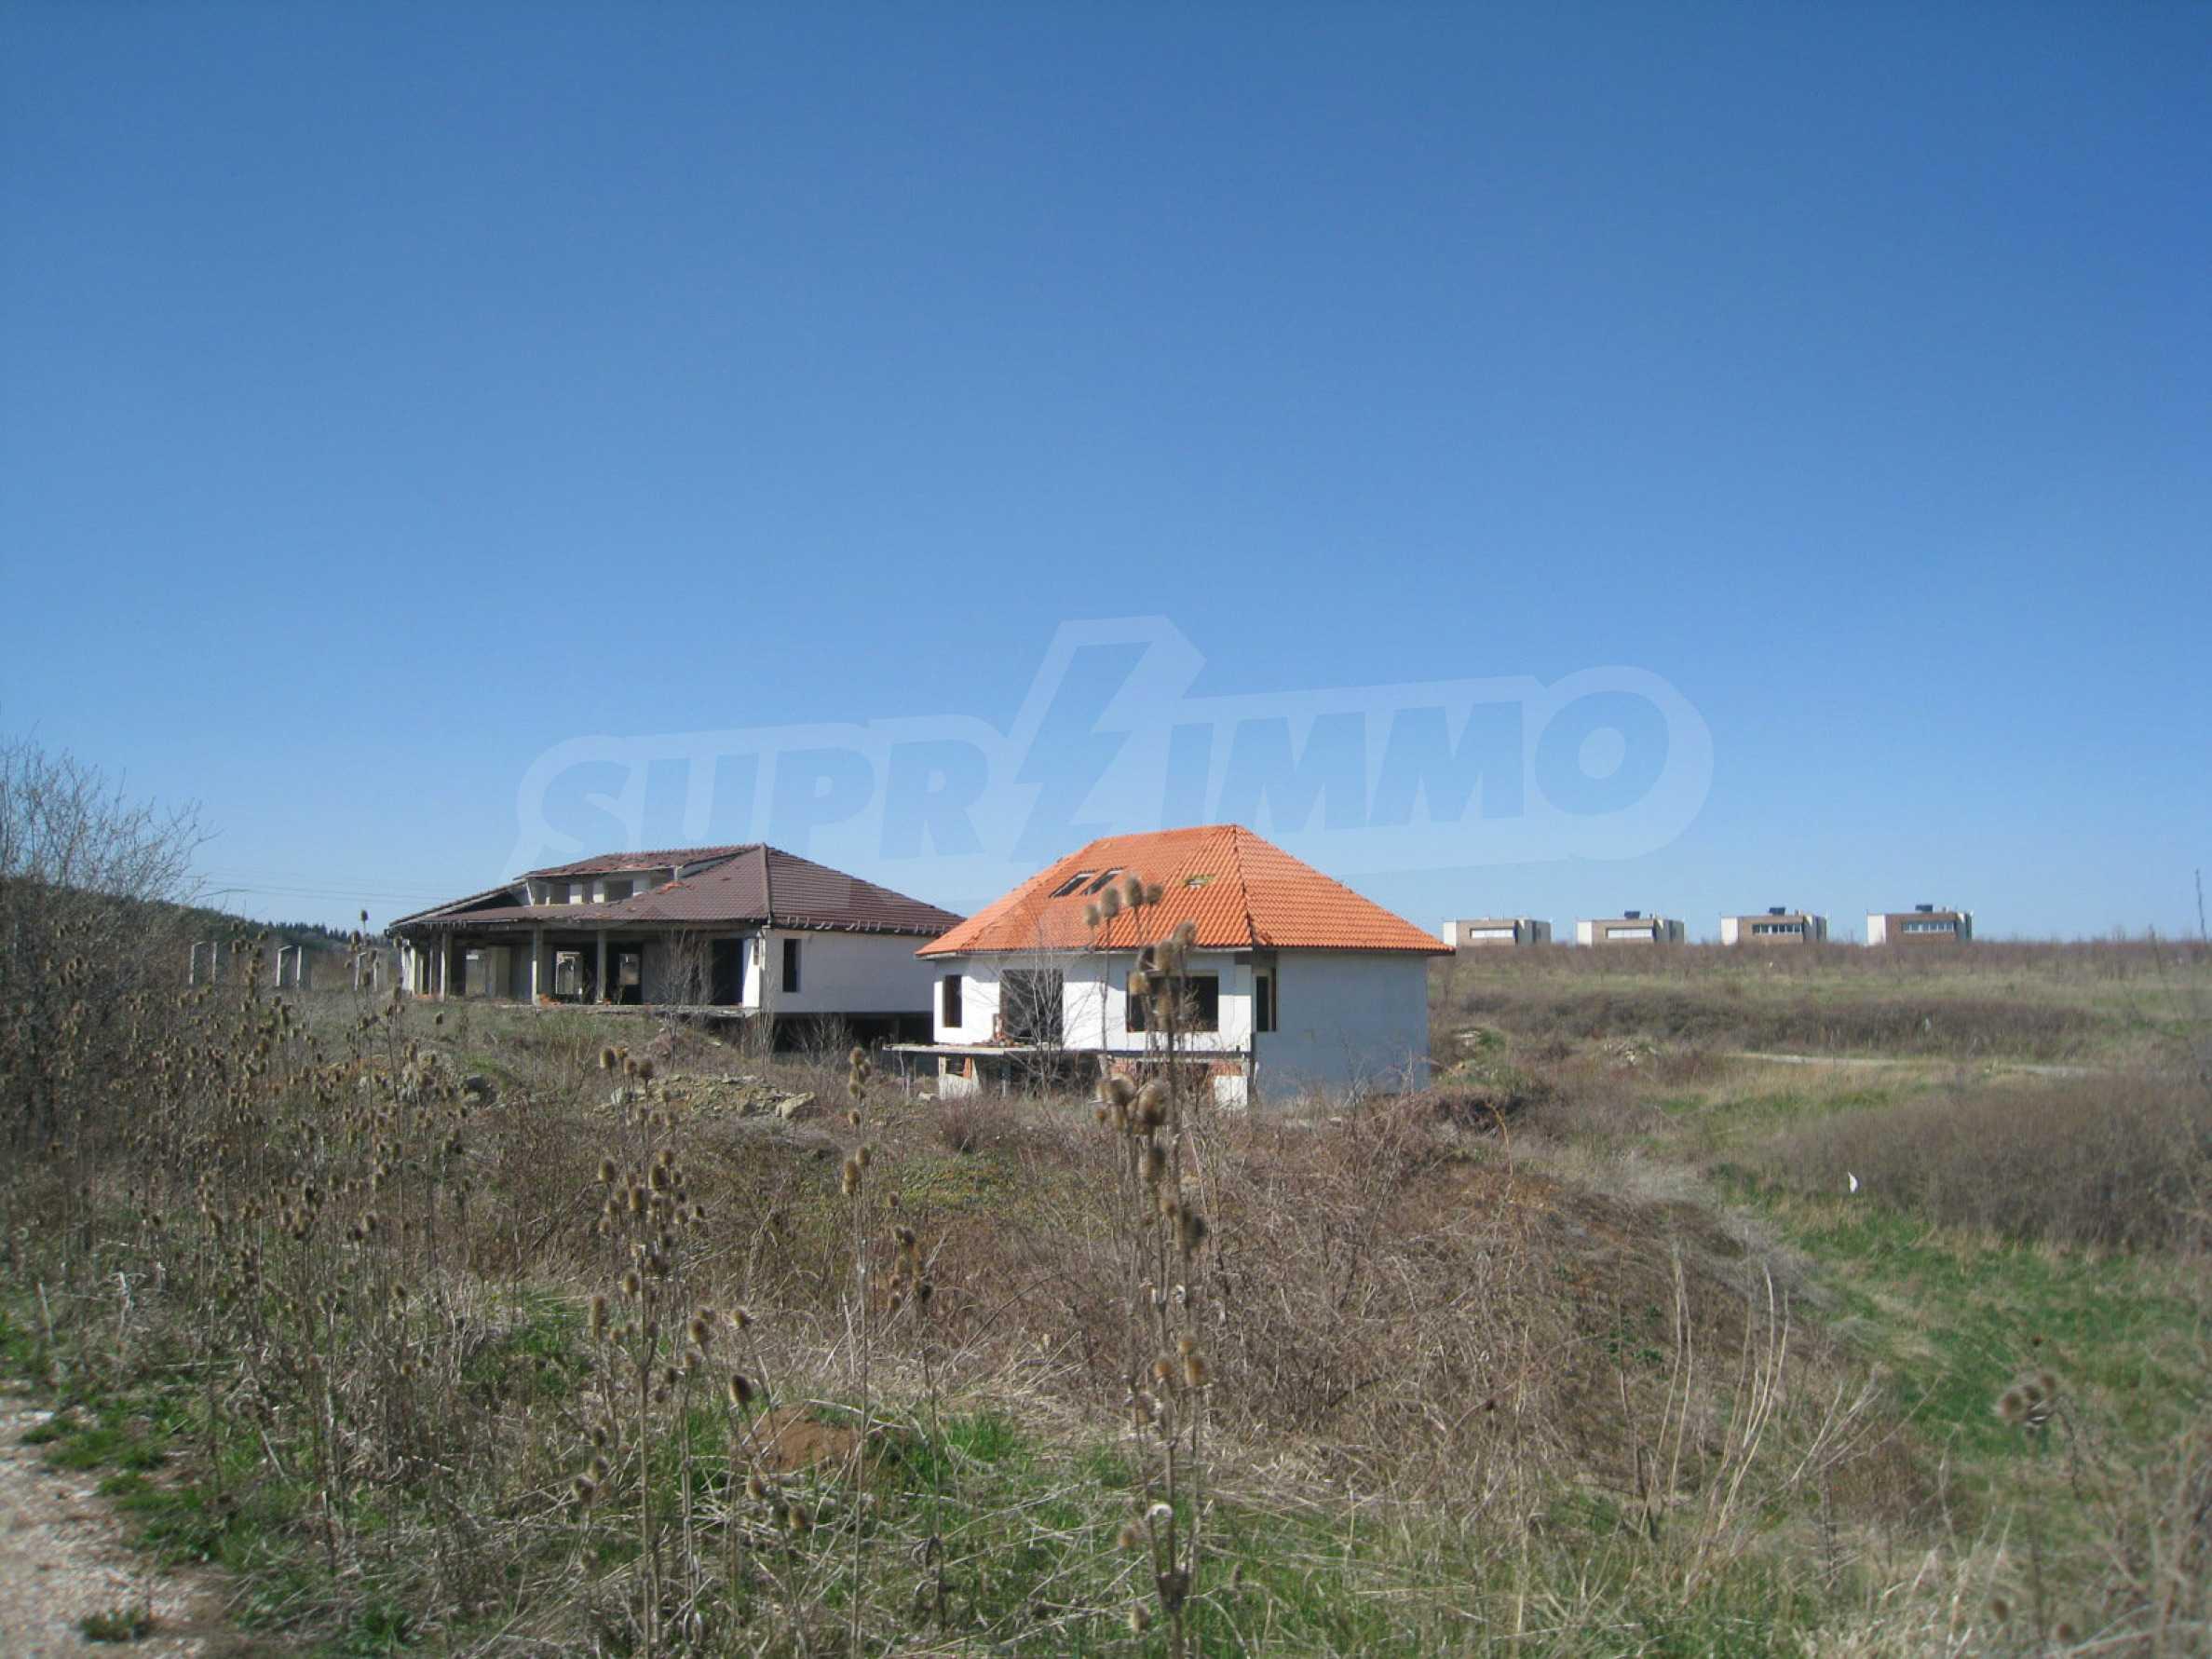 Großes Haus mit Hof 5 km von der Ringstraße in Sofia entfernt 36